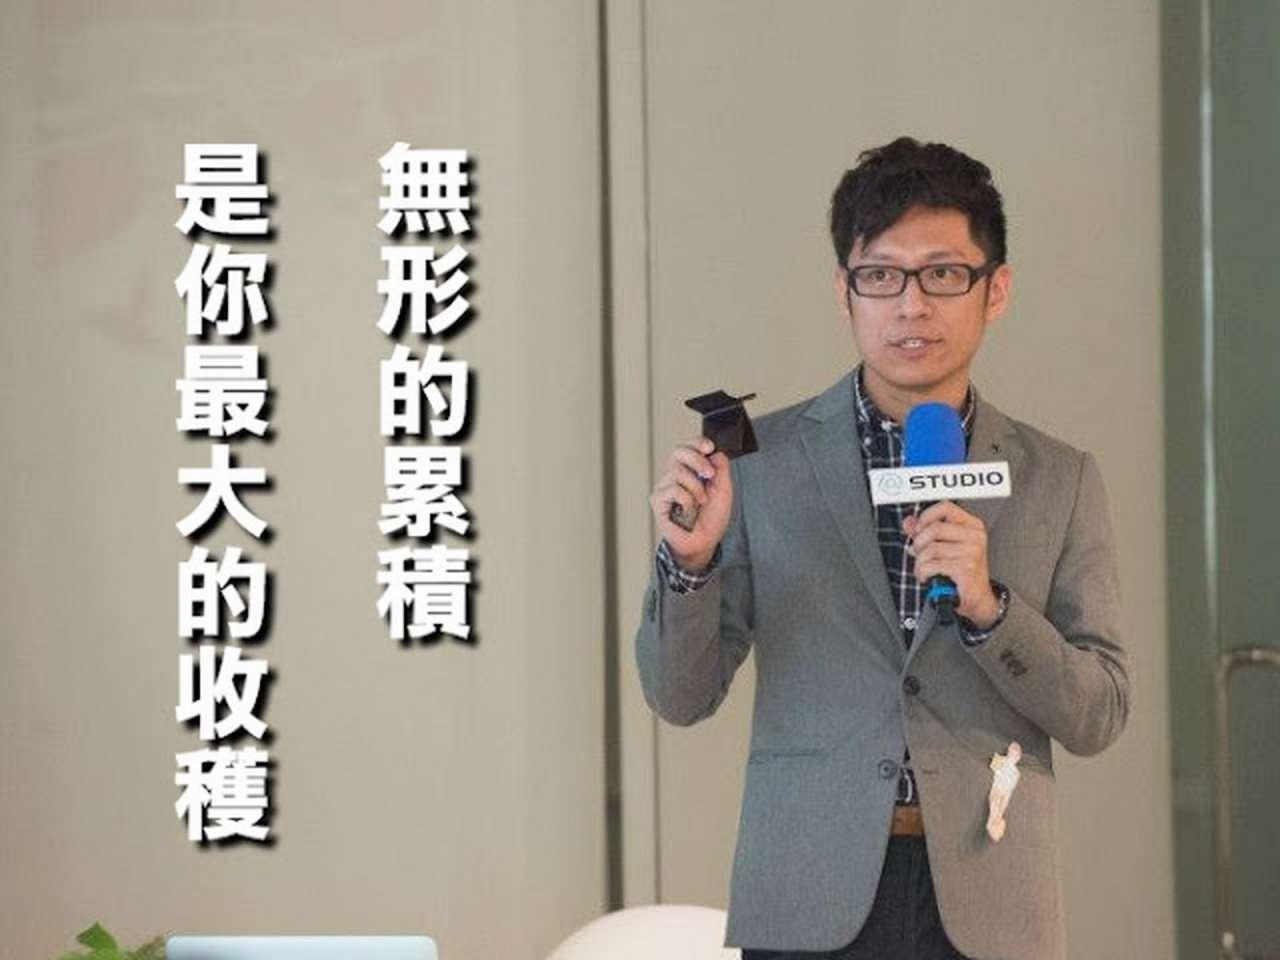 無形的累積,是你最大的收穫/專訪地下連雲企業社社長吳東龍